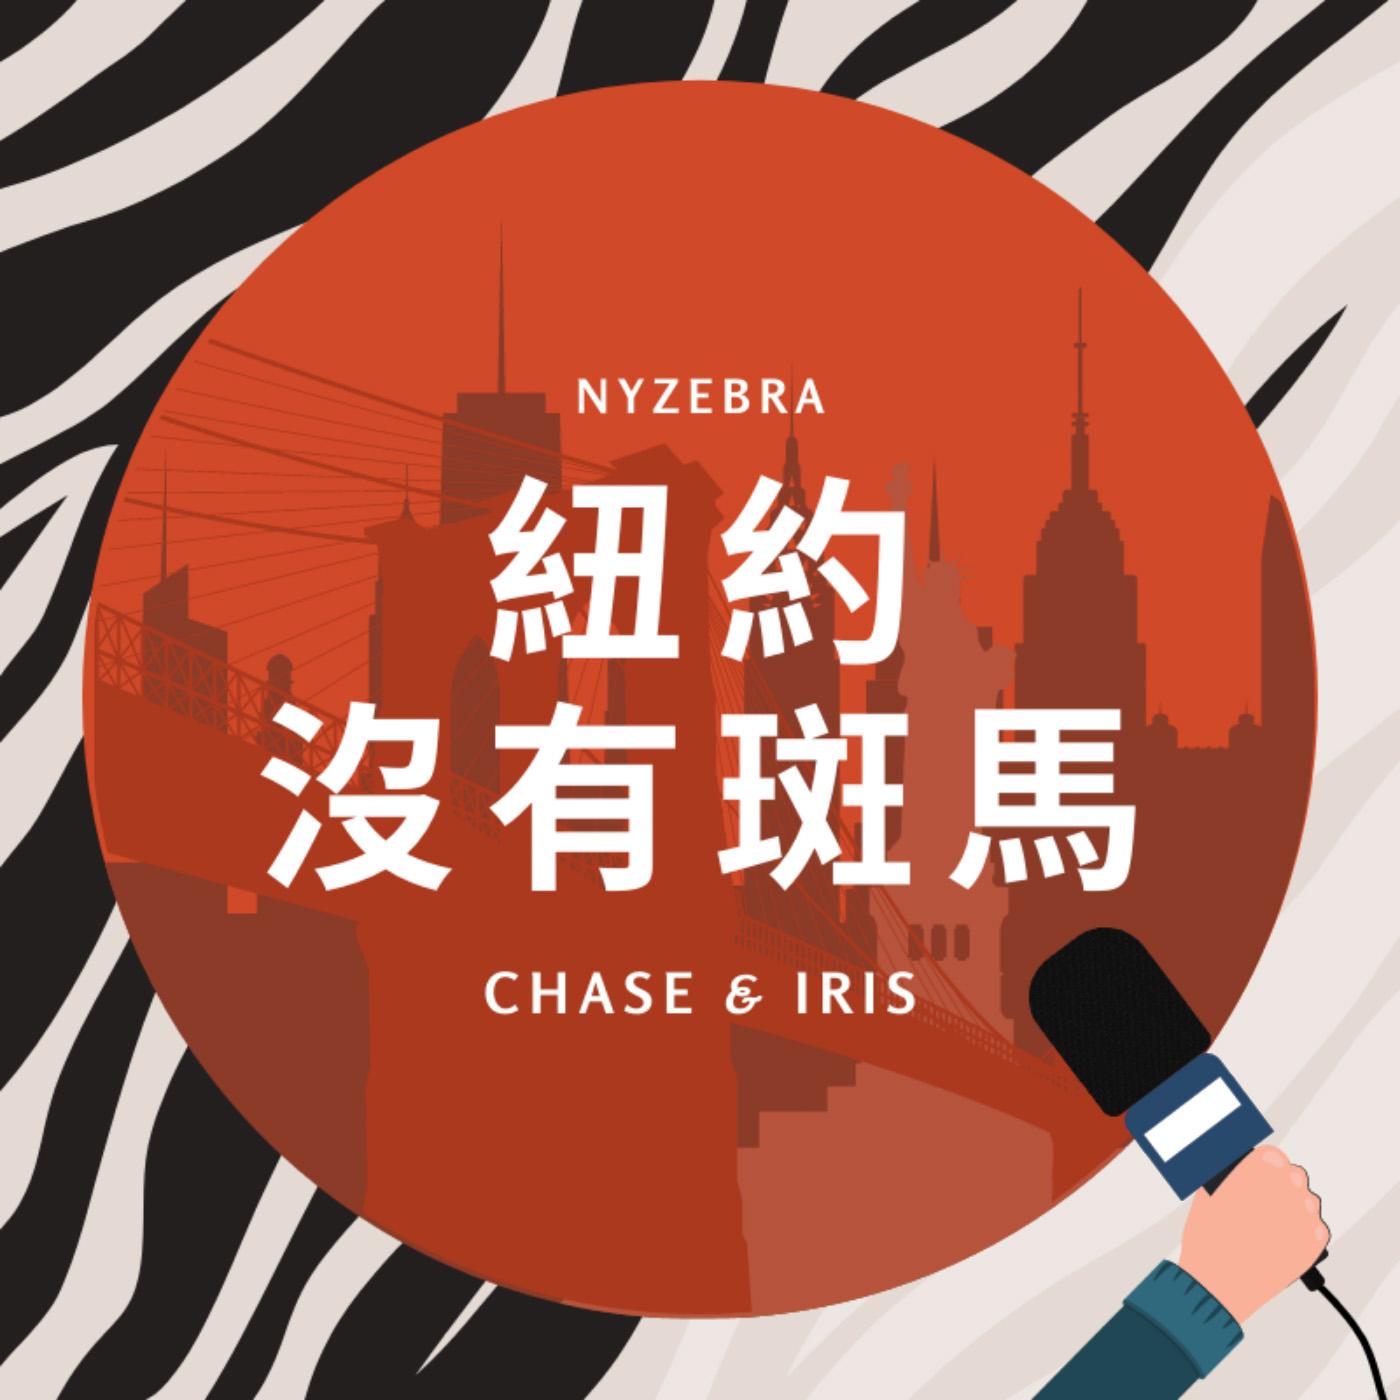 第 47 集|代溝如何形成?長輩LINE群組心理學、當男人戀愛時 + Chase爆哭事件、台灣城市重新命名